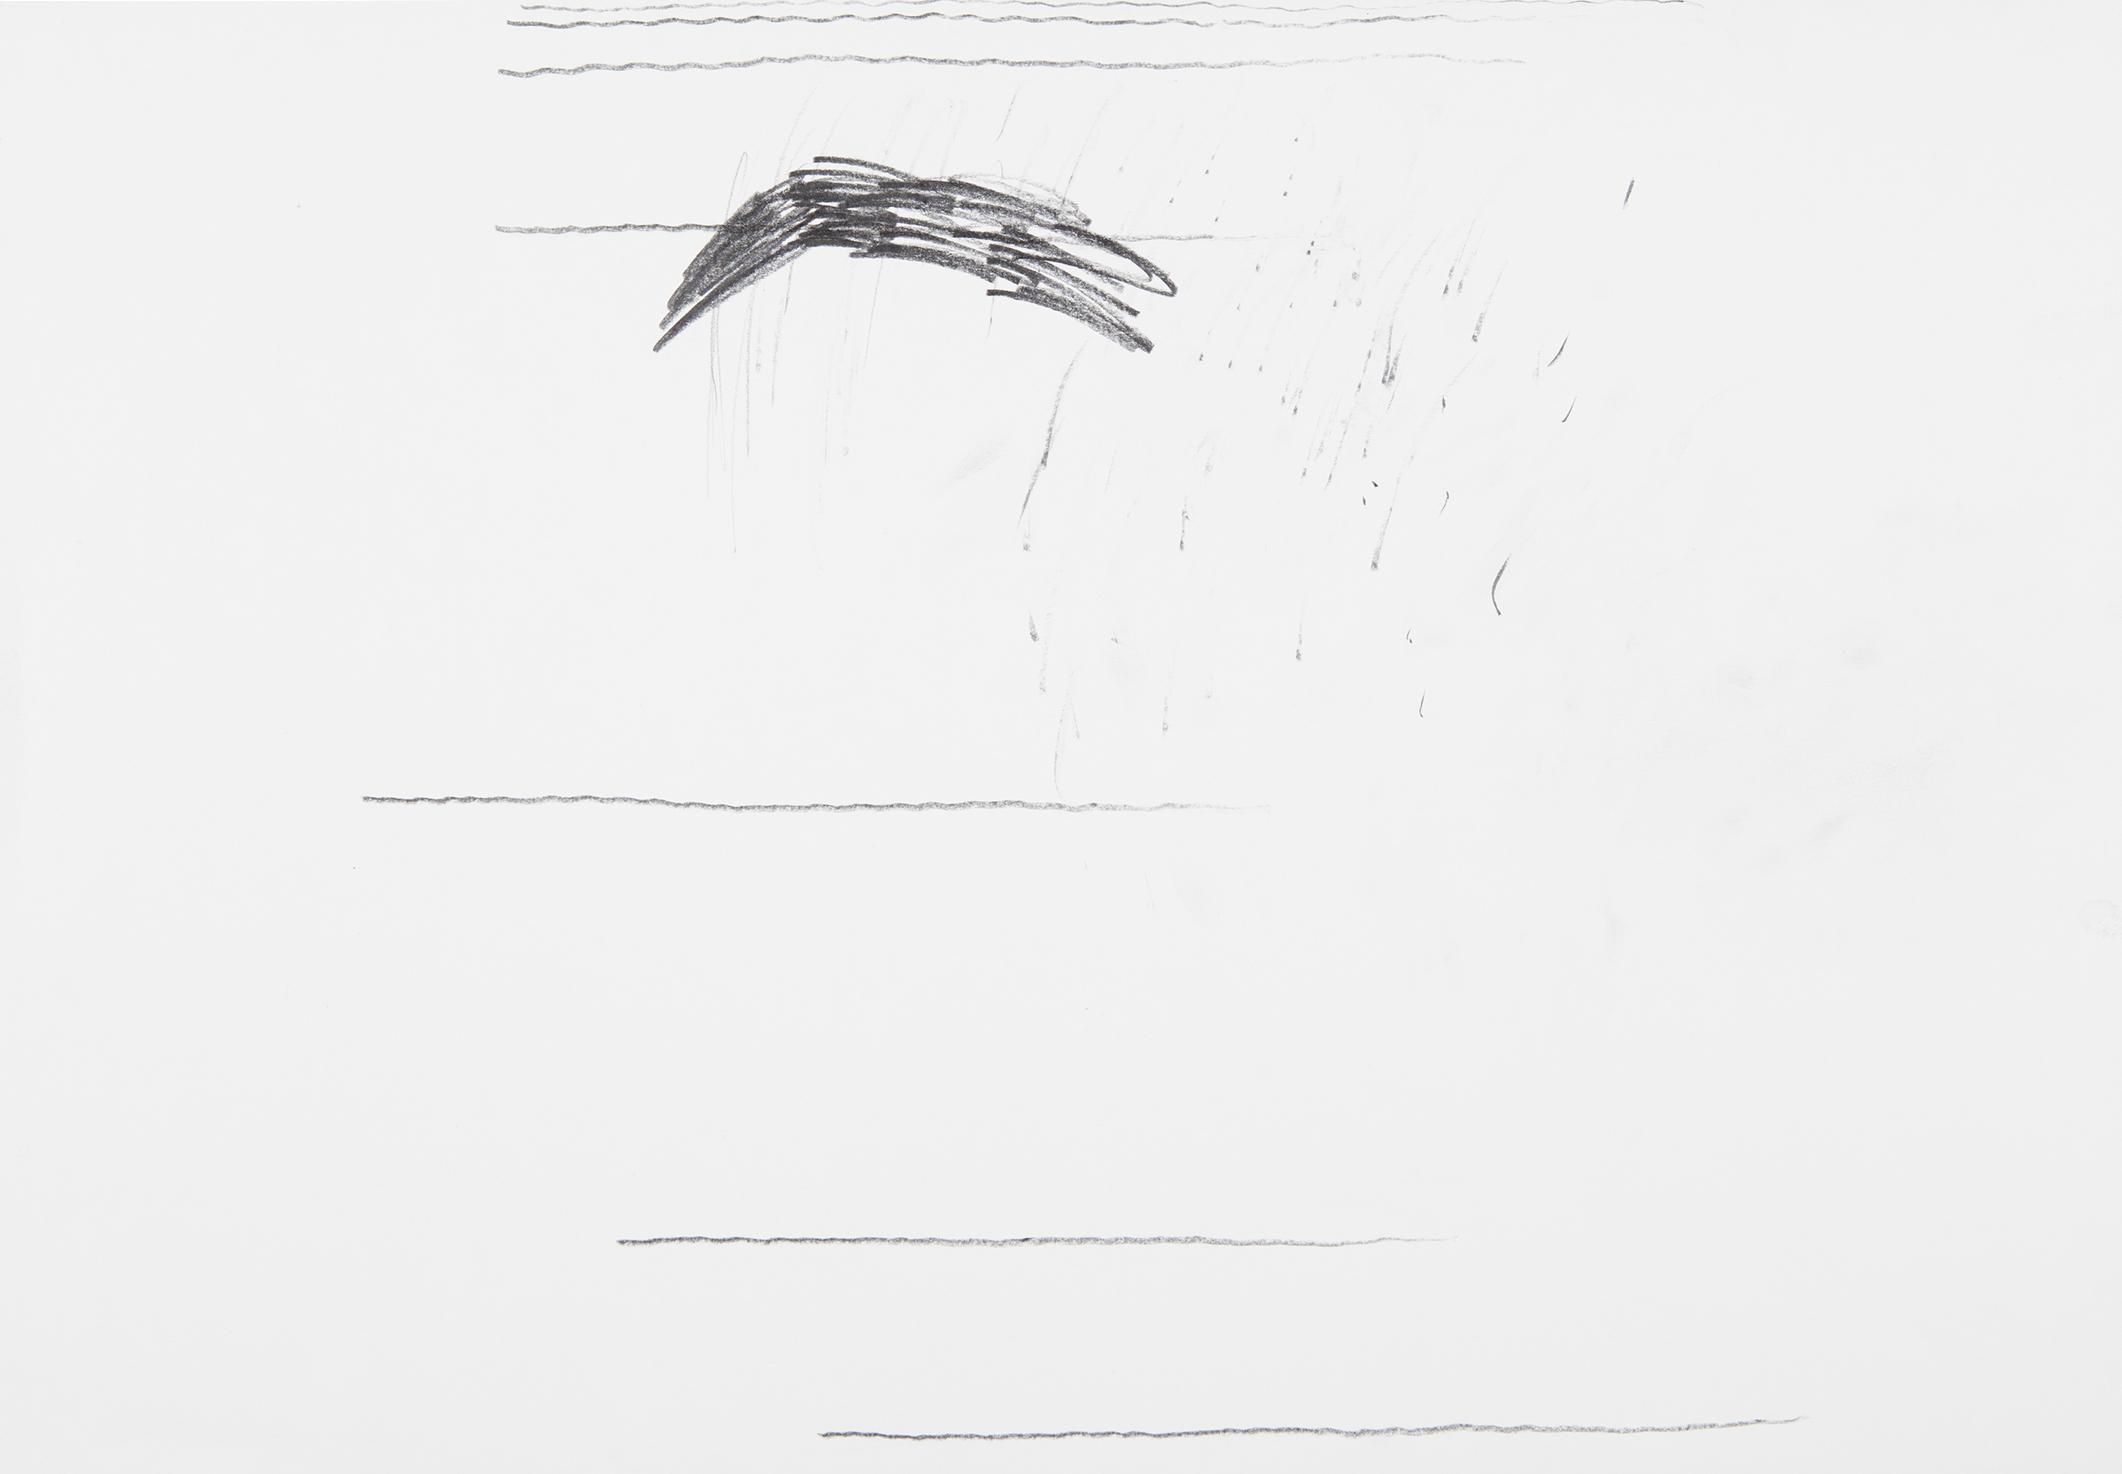 s.d. 4  pencil on paper,  35 x 50 cm